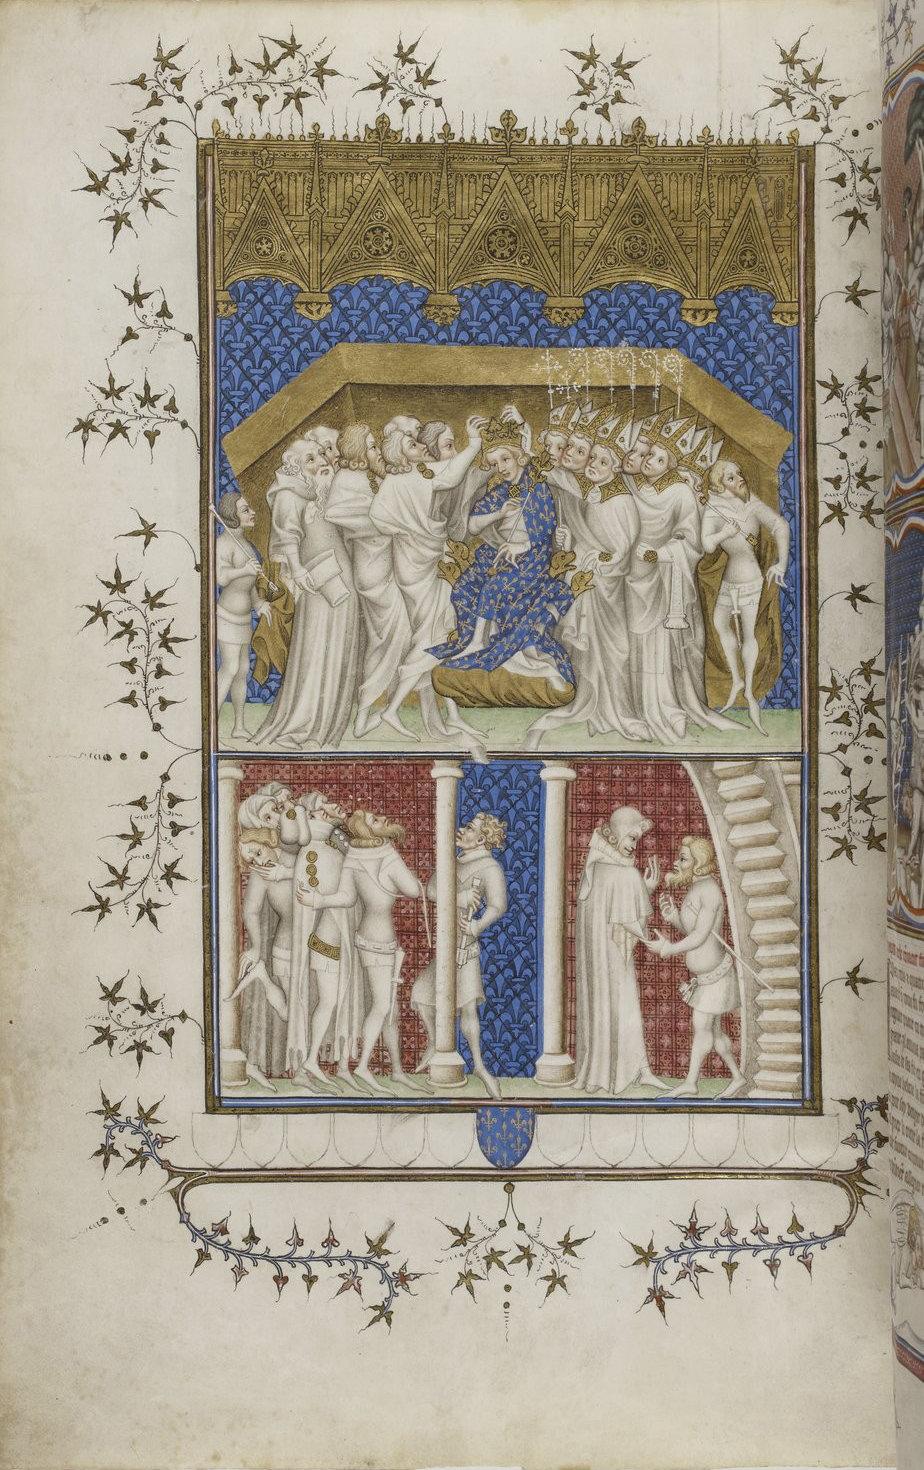 Grandes Chroniques de France f14, Paris, 14th century (c. 1375-1379), Bibliothèque nationale de France, Manuscrits, Français 2813, Public Domain Mark